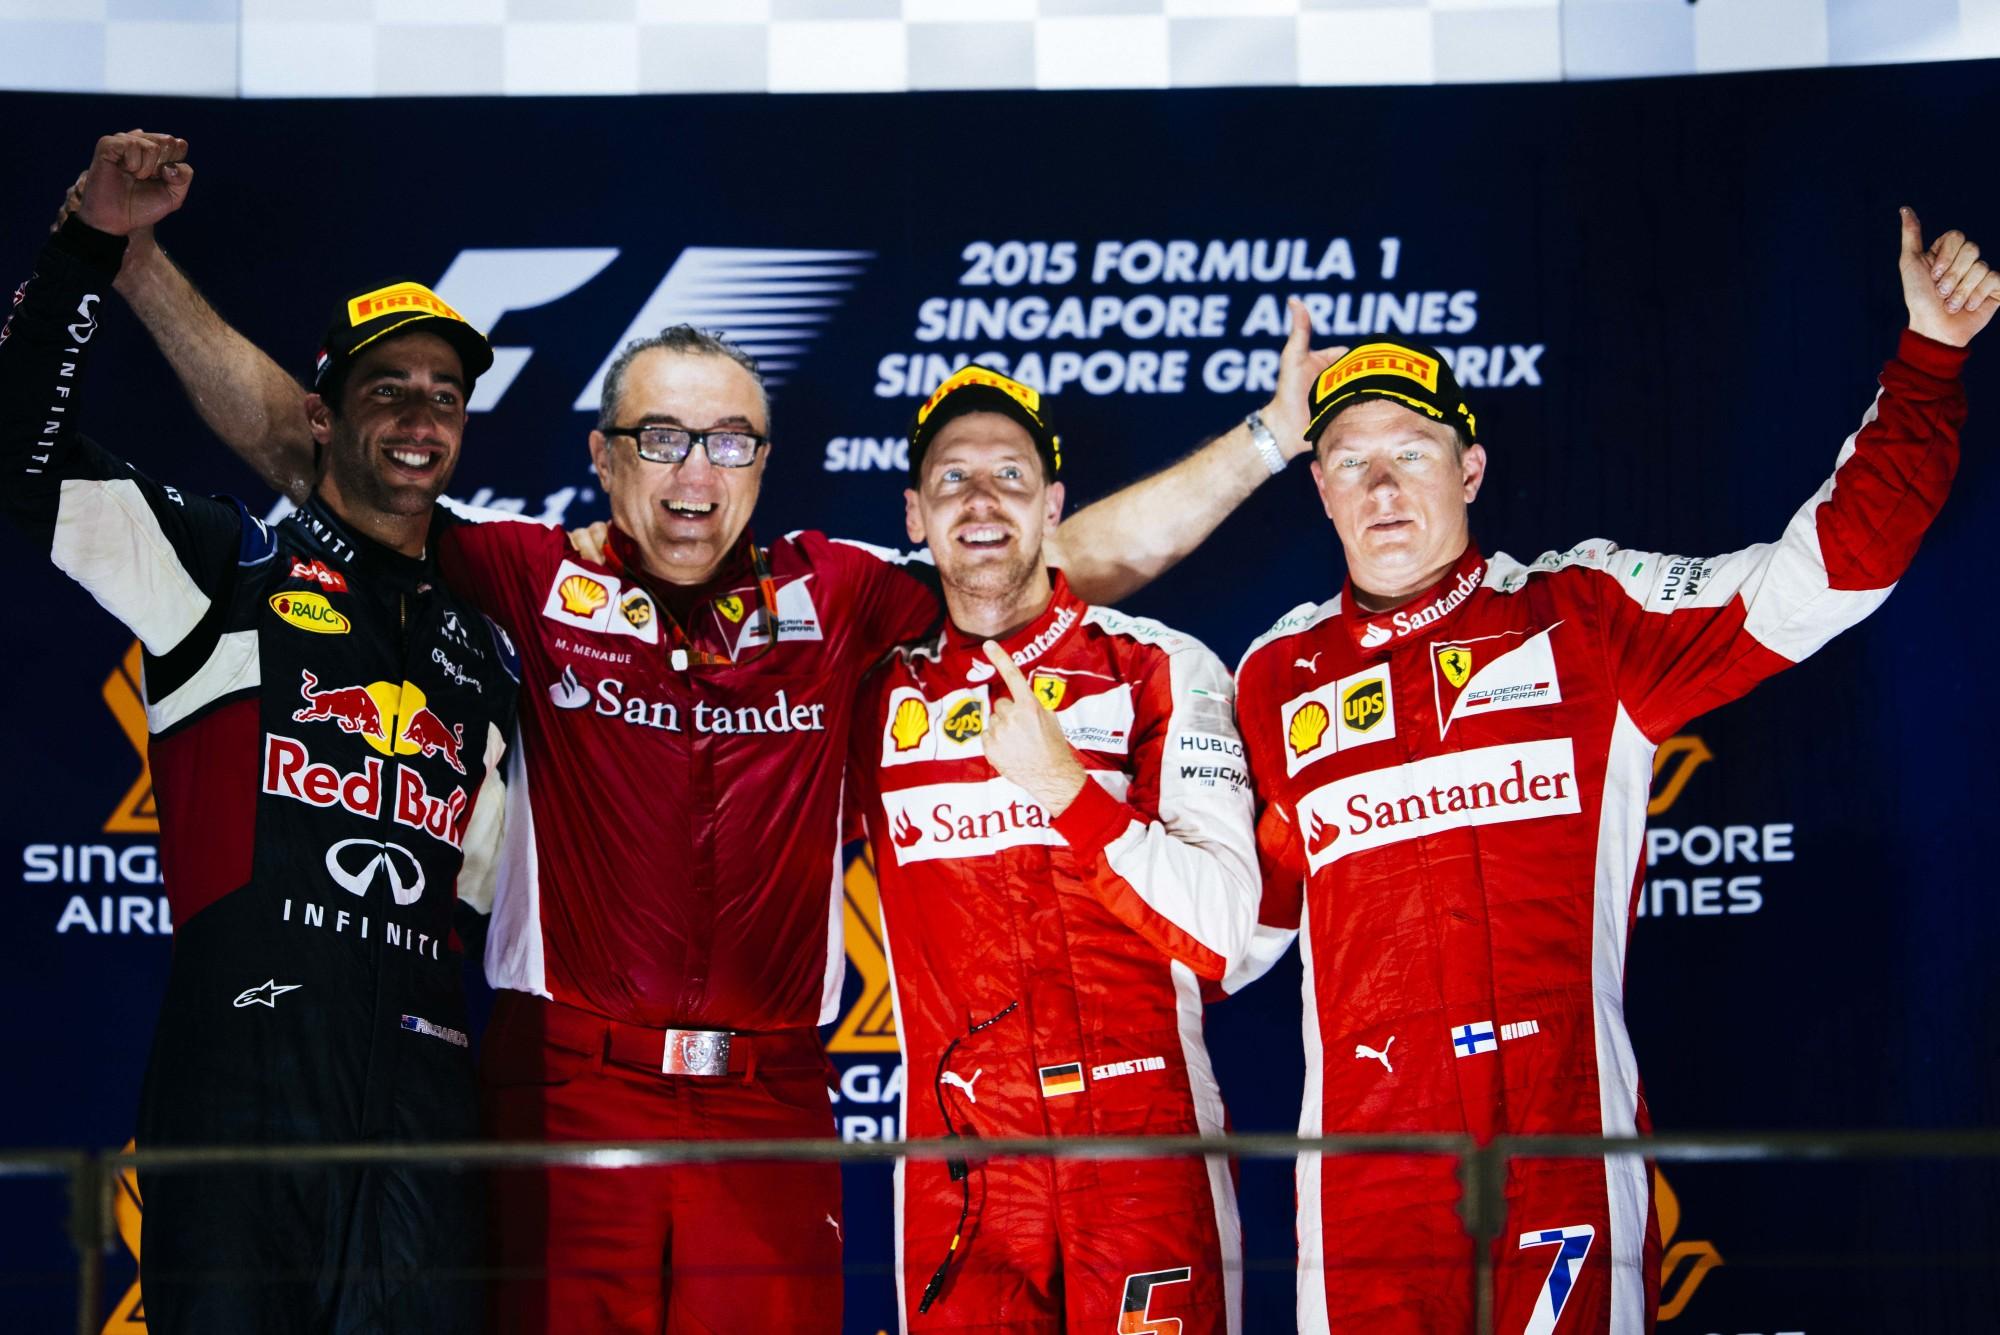 Vettel slavi pobjedu na VN Singapura 2015. (20.9.2015.) Foto: Ferrari